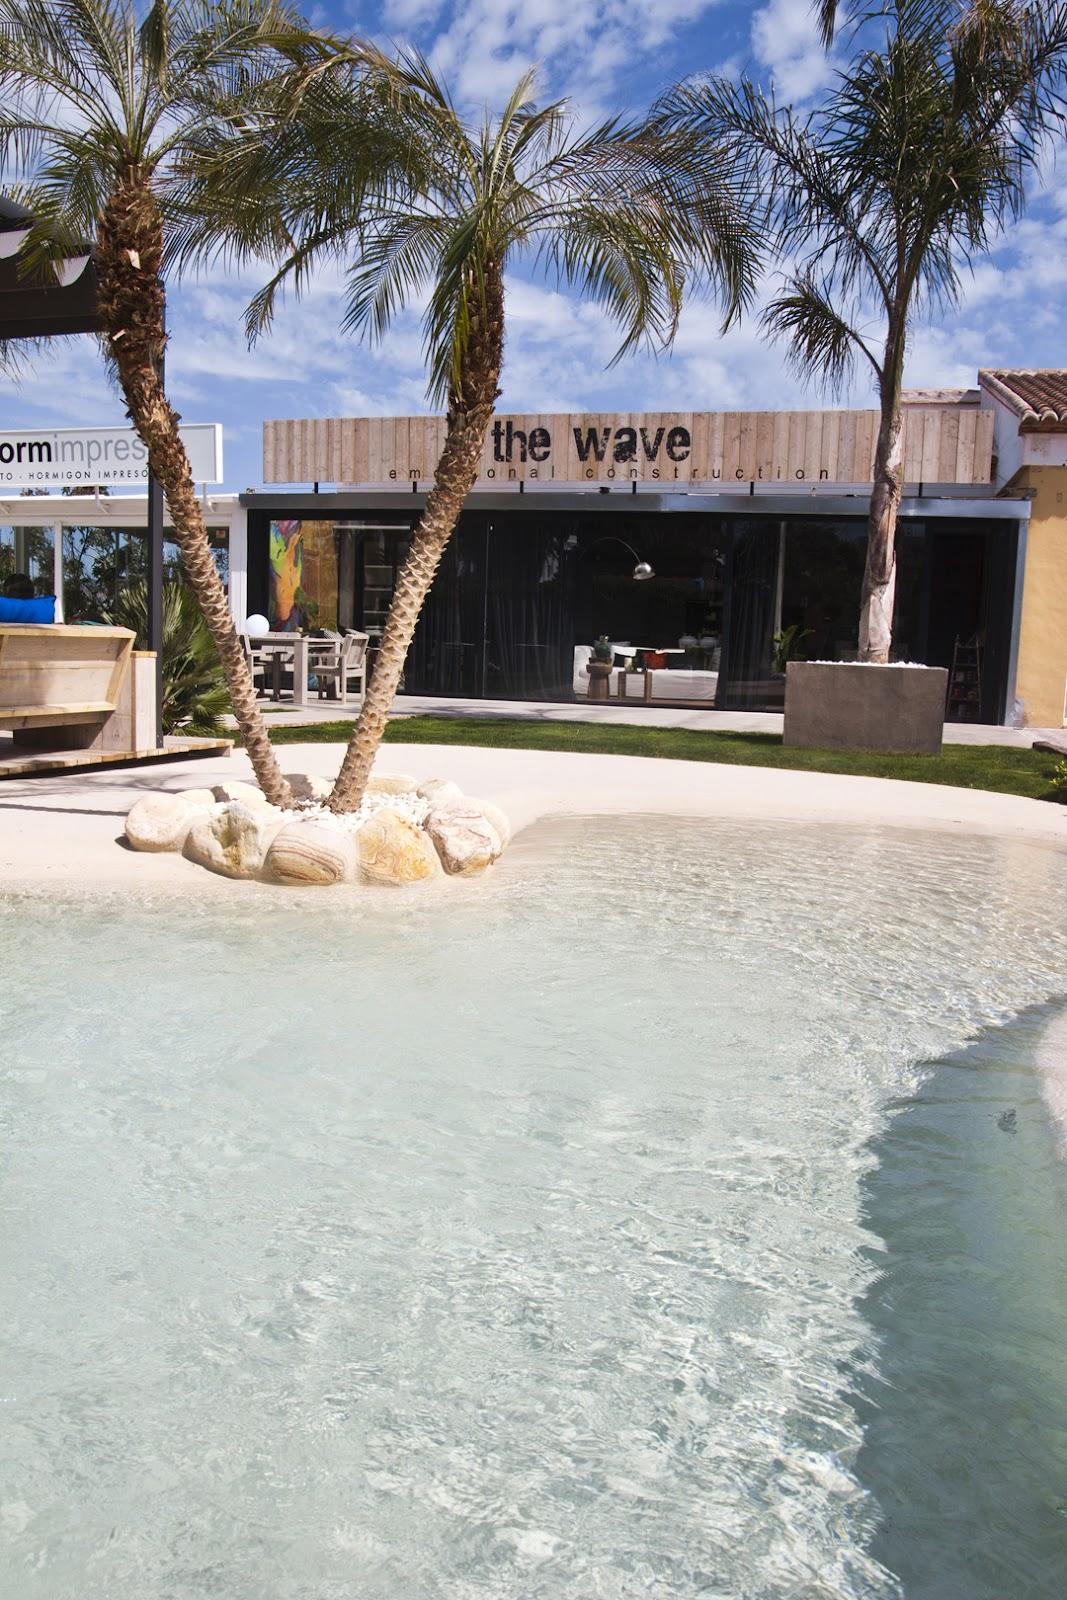 Piscina de arena en the wave javea lucas gunitec - Construccion de piscinas de arena ...